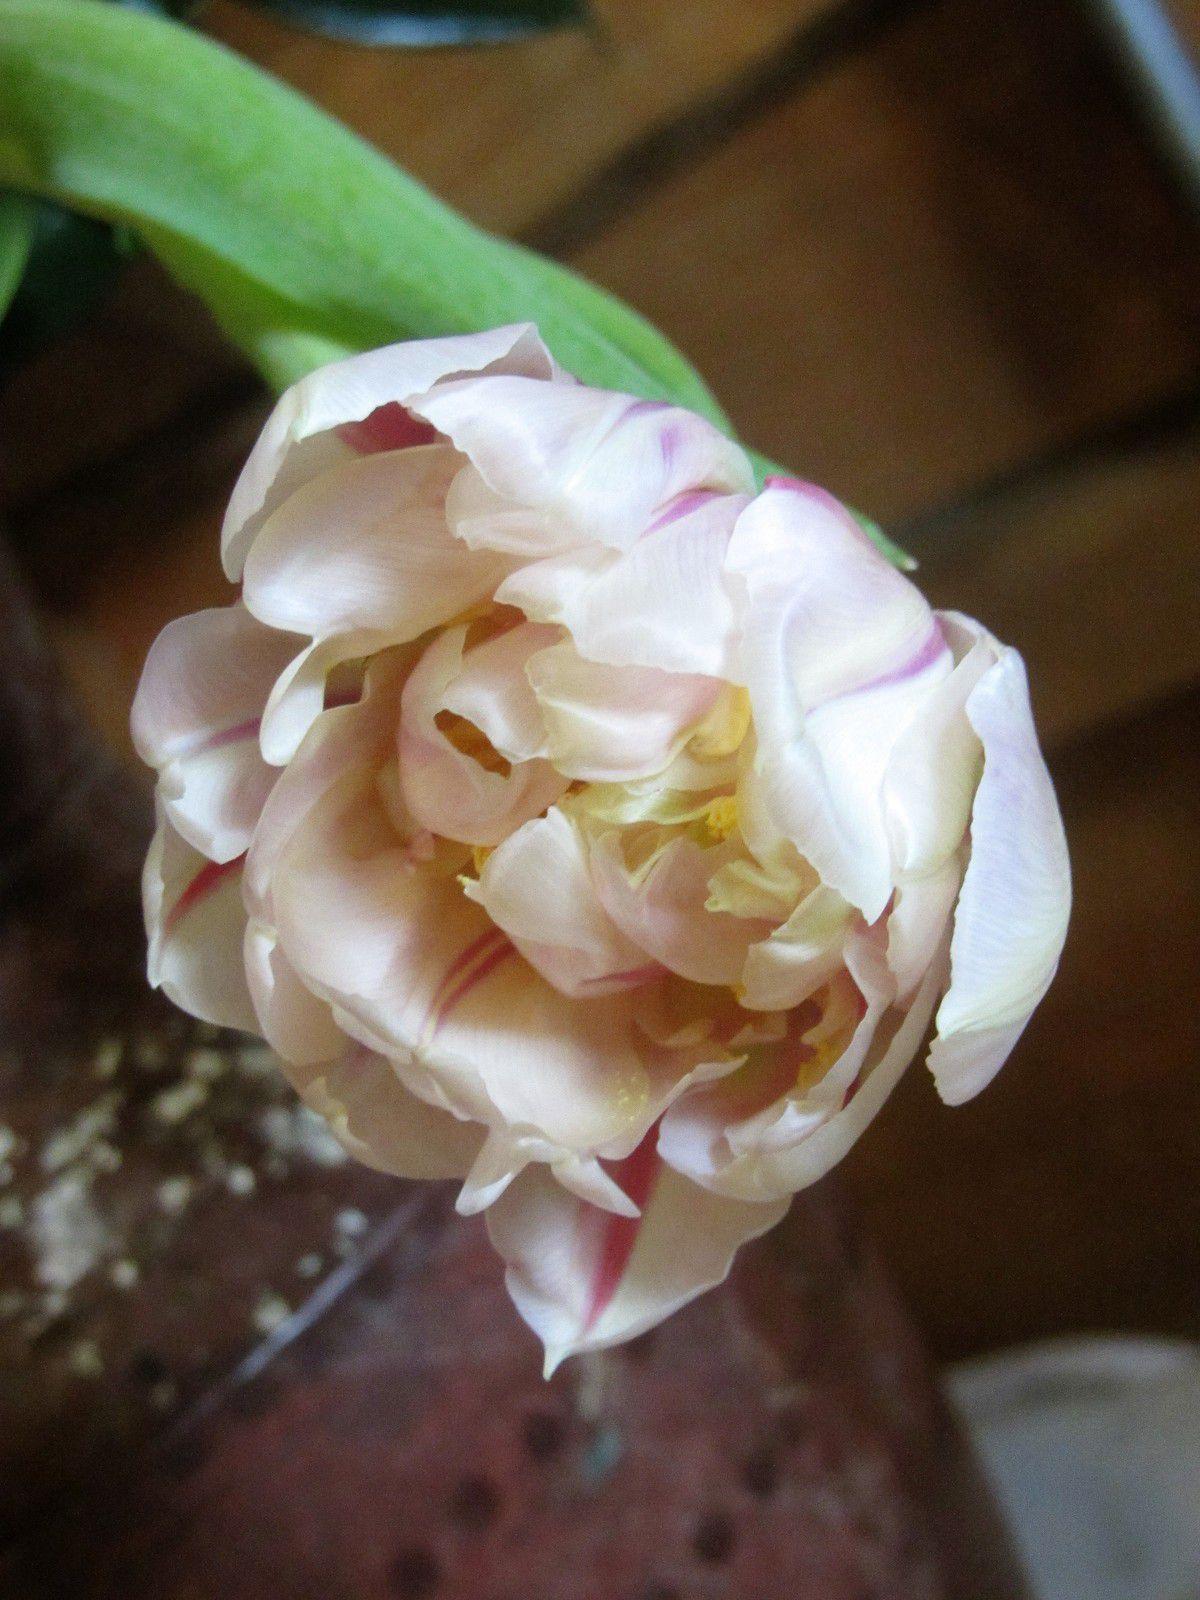 Voilà,  c'est tout . Je ne suis pas là pour vous faire un cour de botanique.. juste pour partager avec vous quelques clichès de fleurs, cueillis dans les allèes de Peter Ham nurseries.